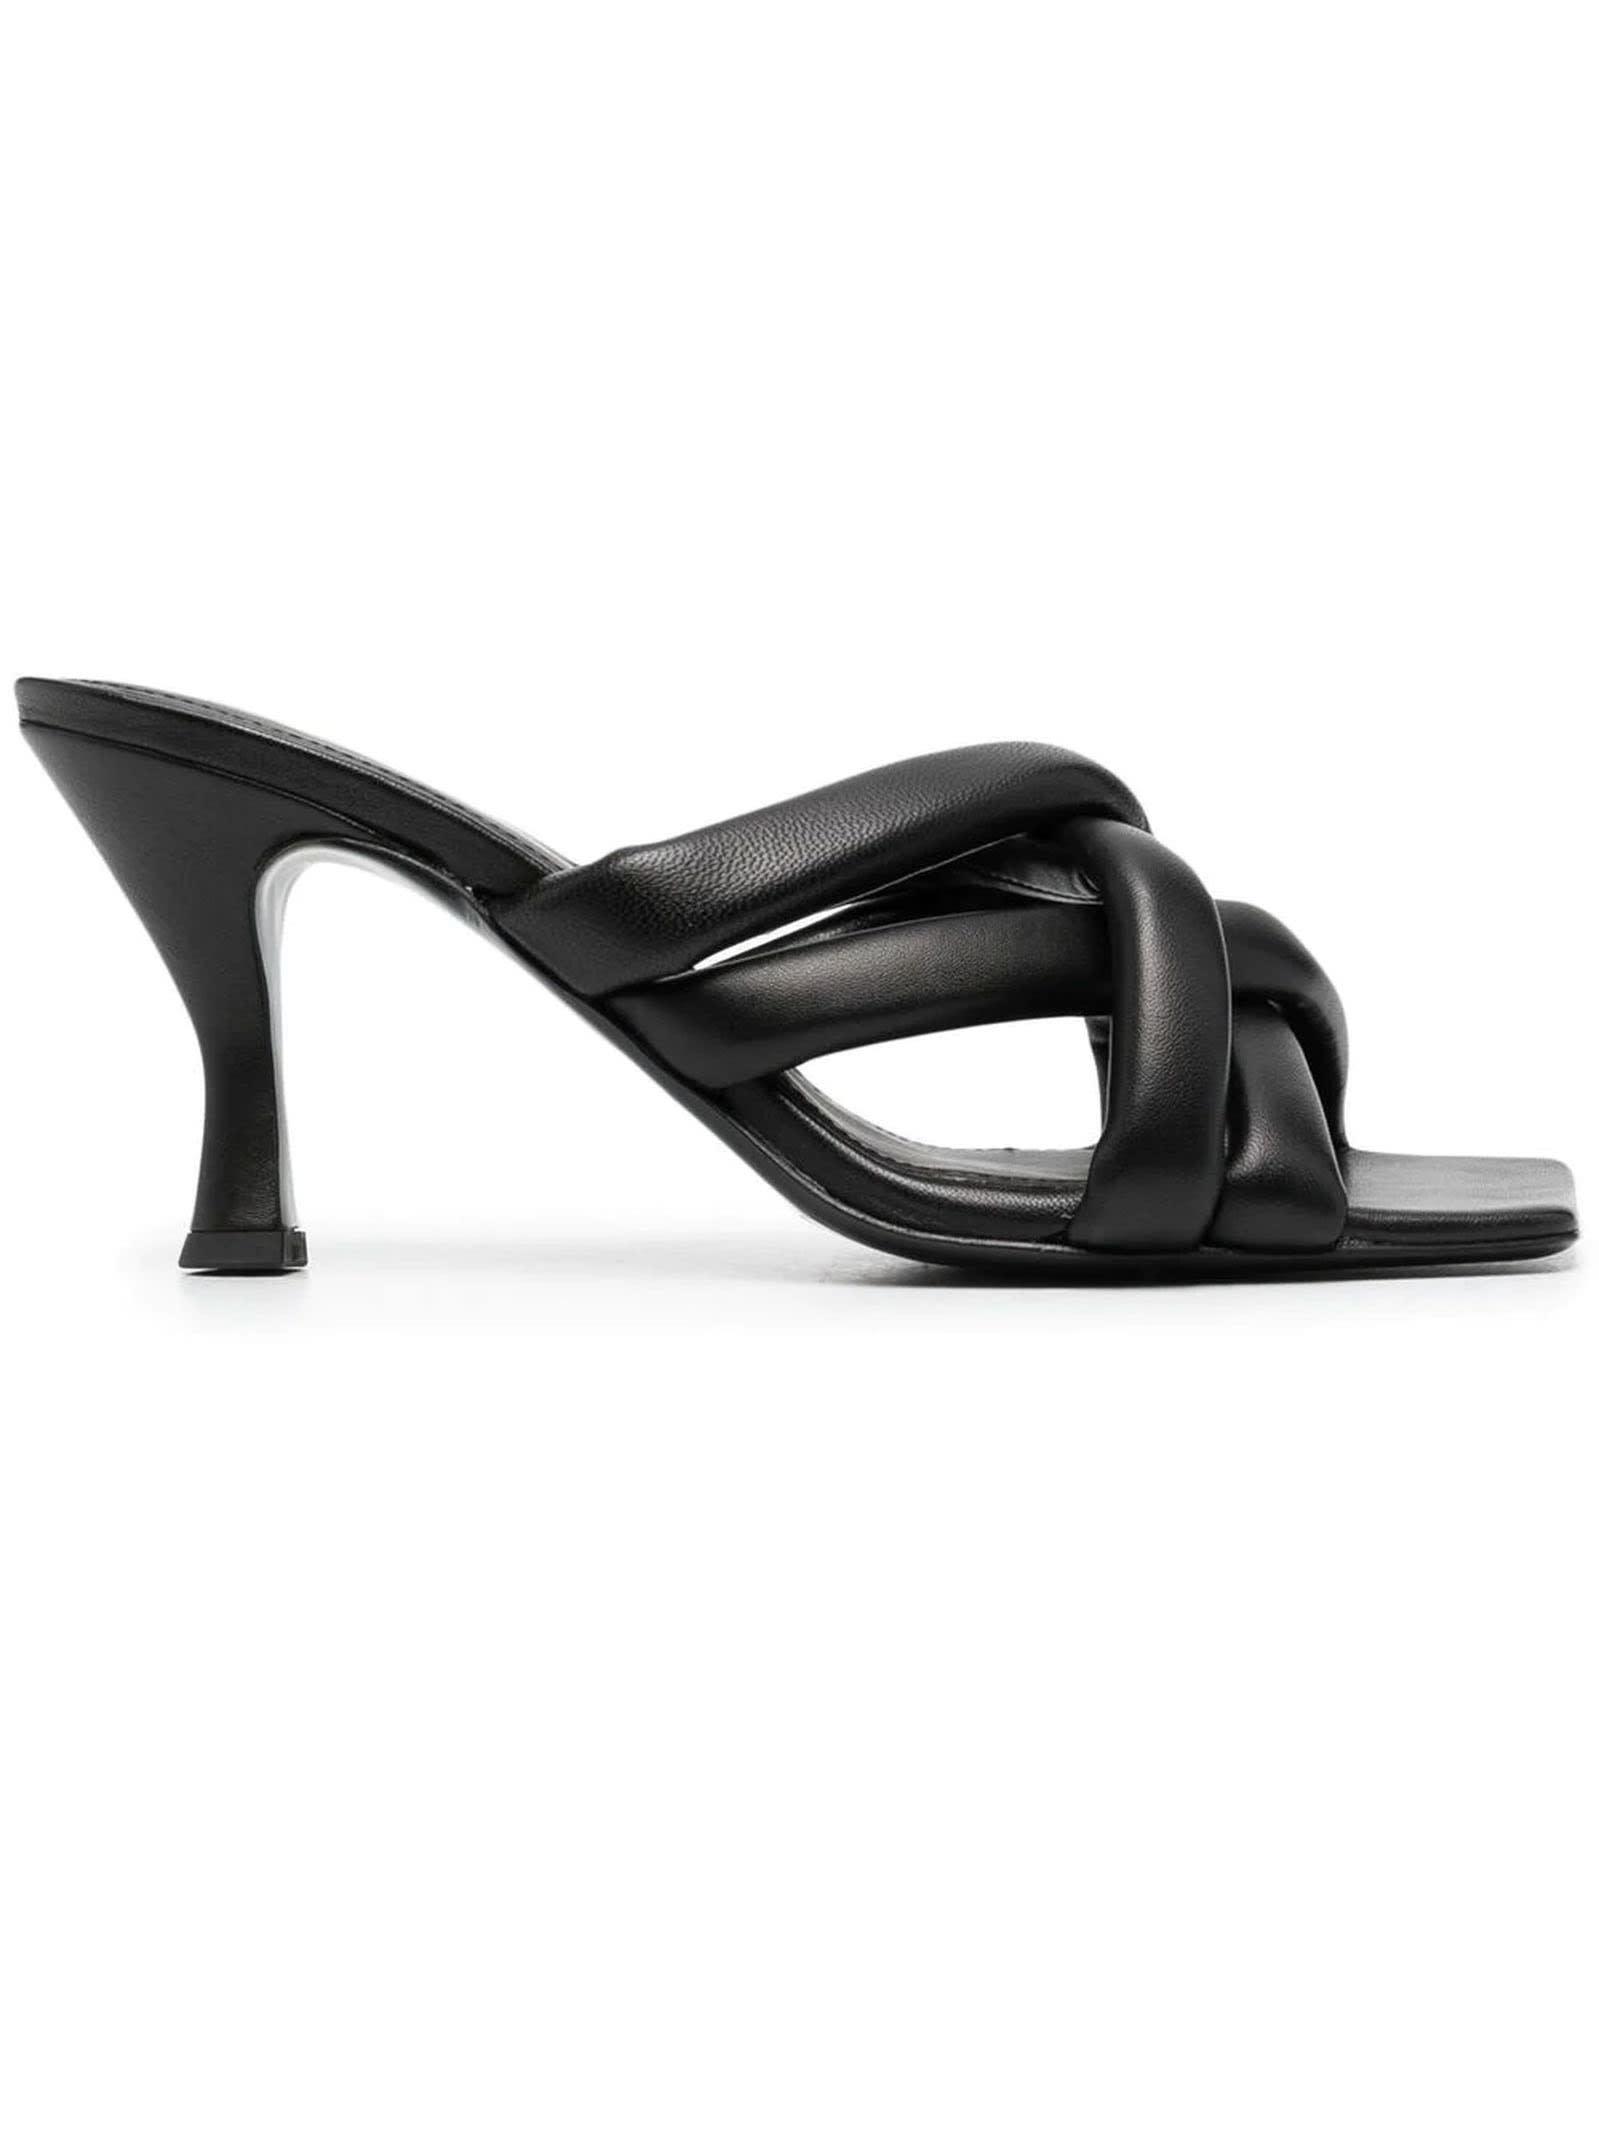 Ash Slides BLACK LEATHER MINA SANDALS